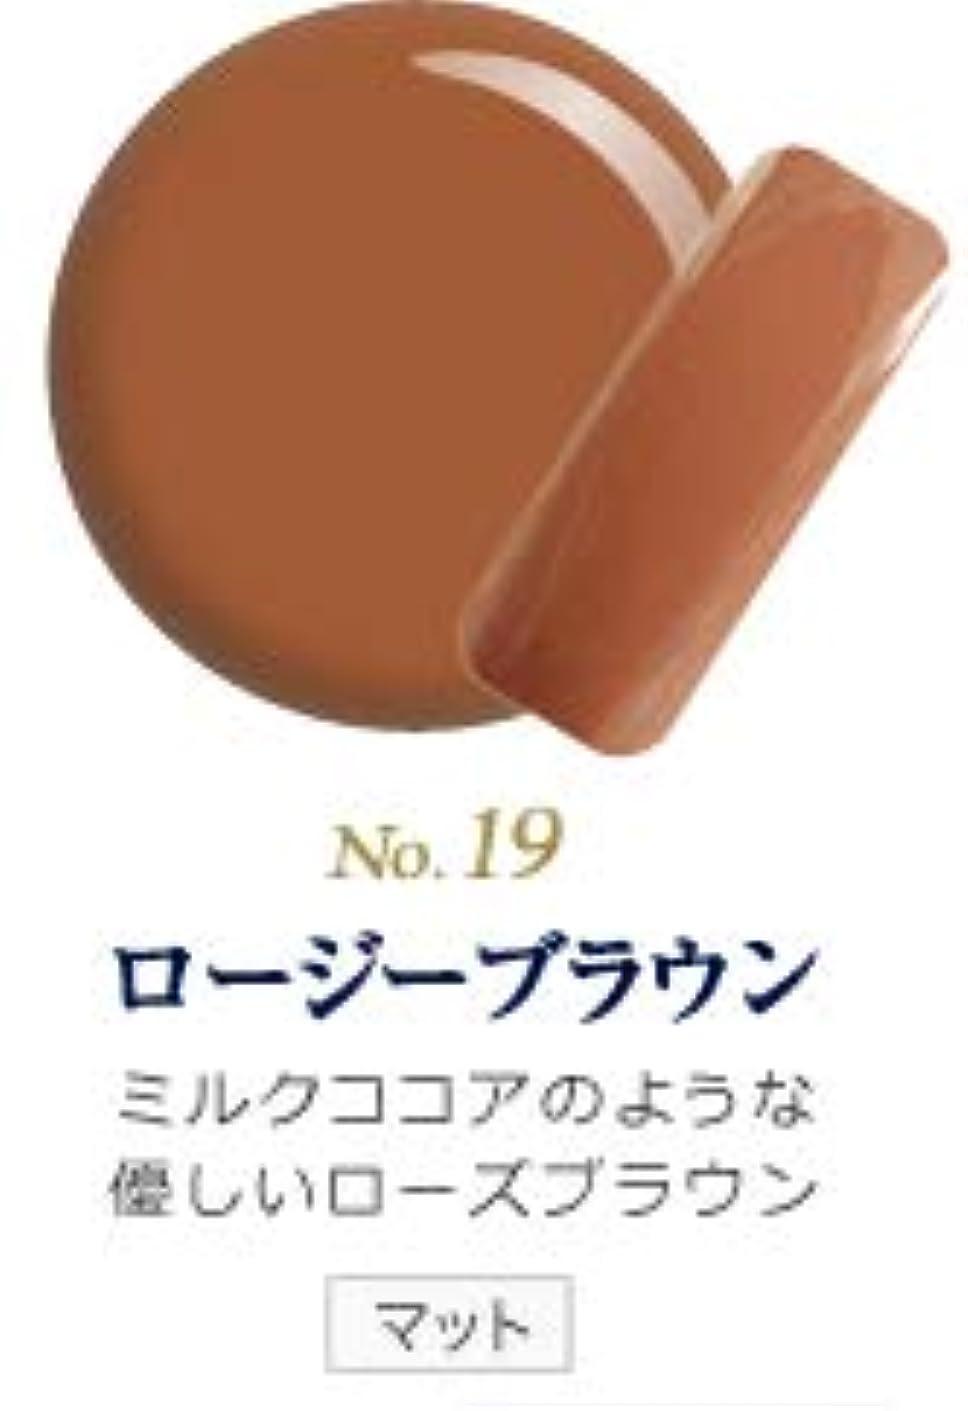 実験室割れ目する発色抜群 削らなくてもオフが出来る 新グレースジェルカラーNo.11~No.209 (ロージーブラウン)